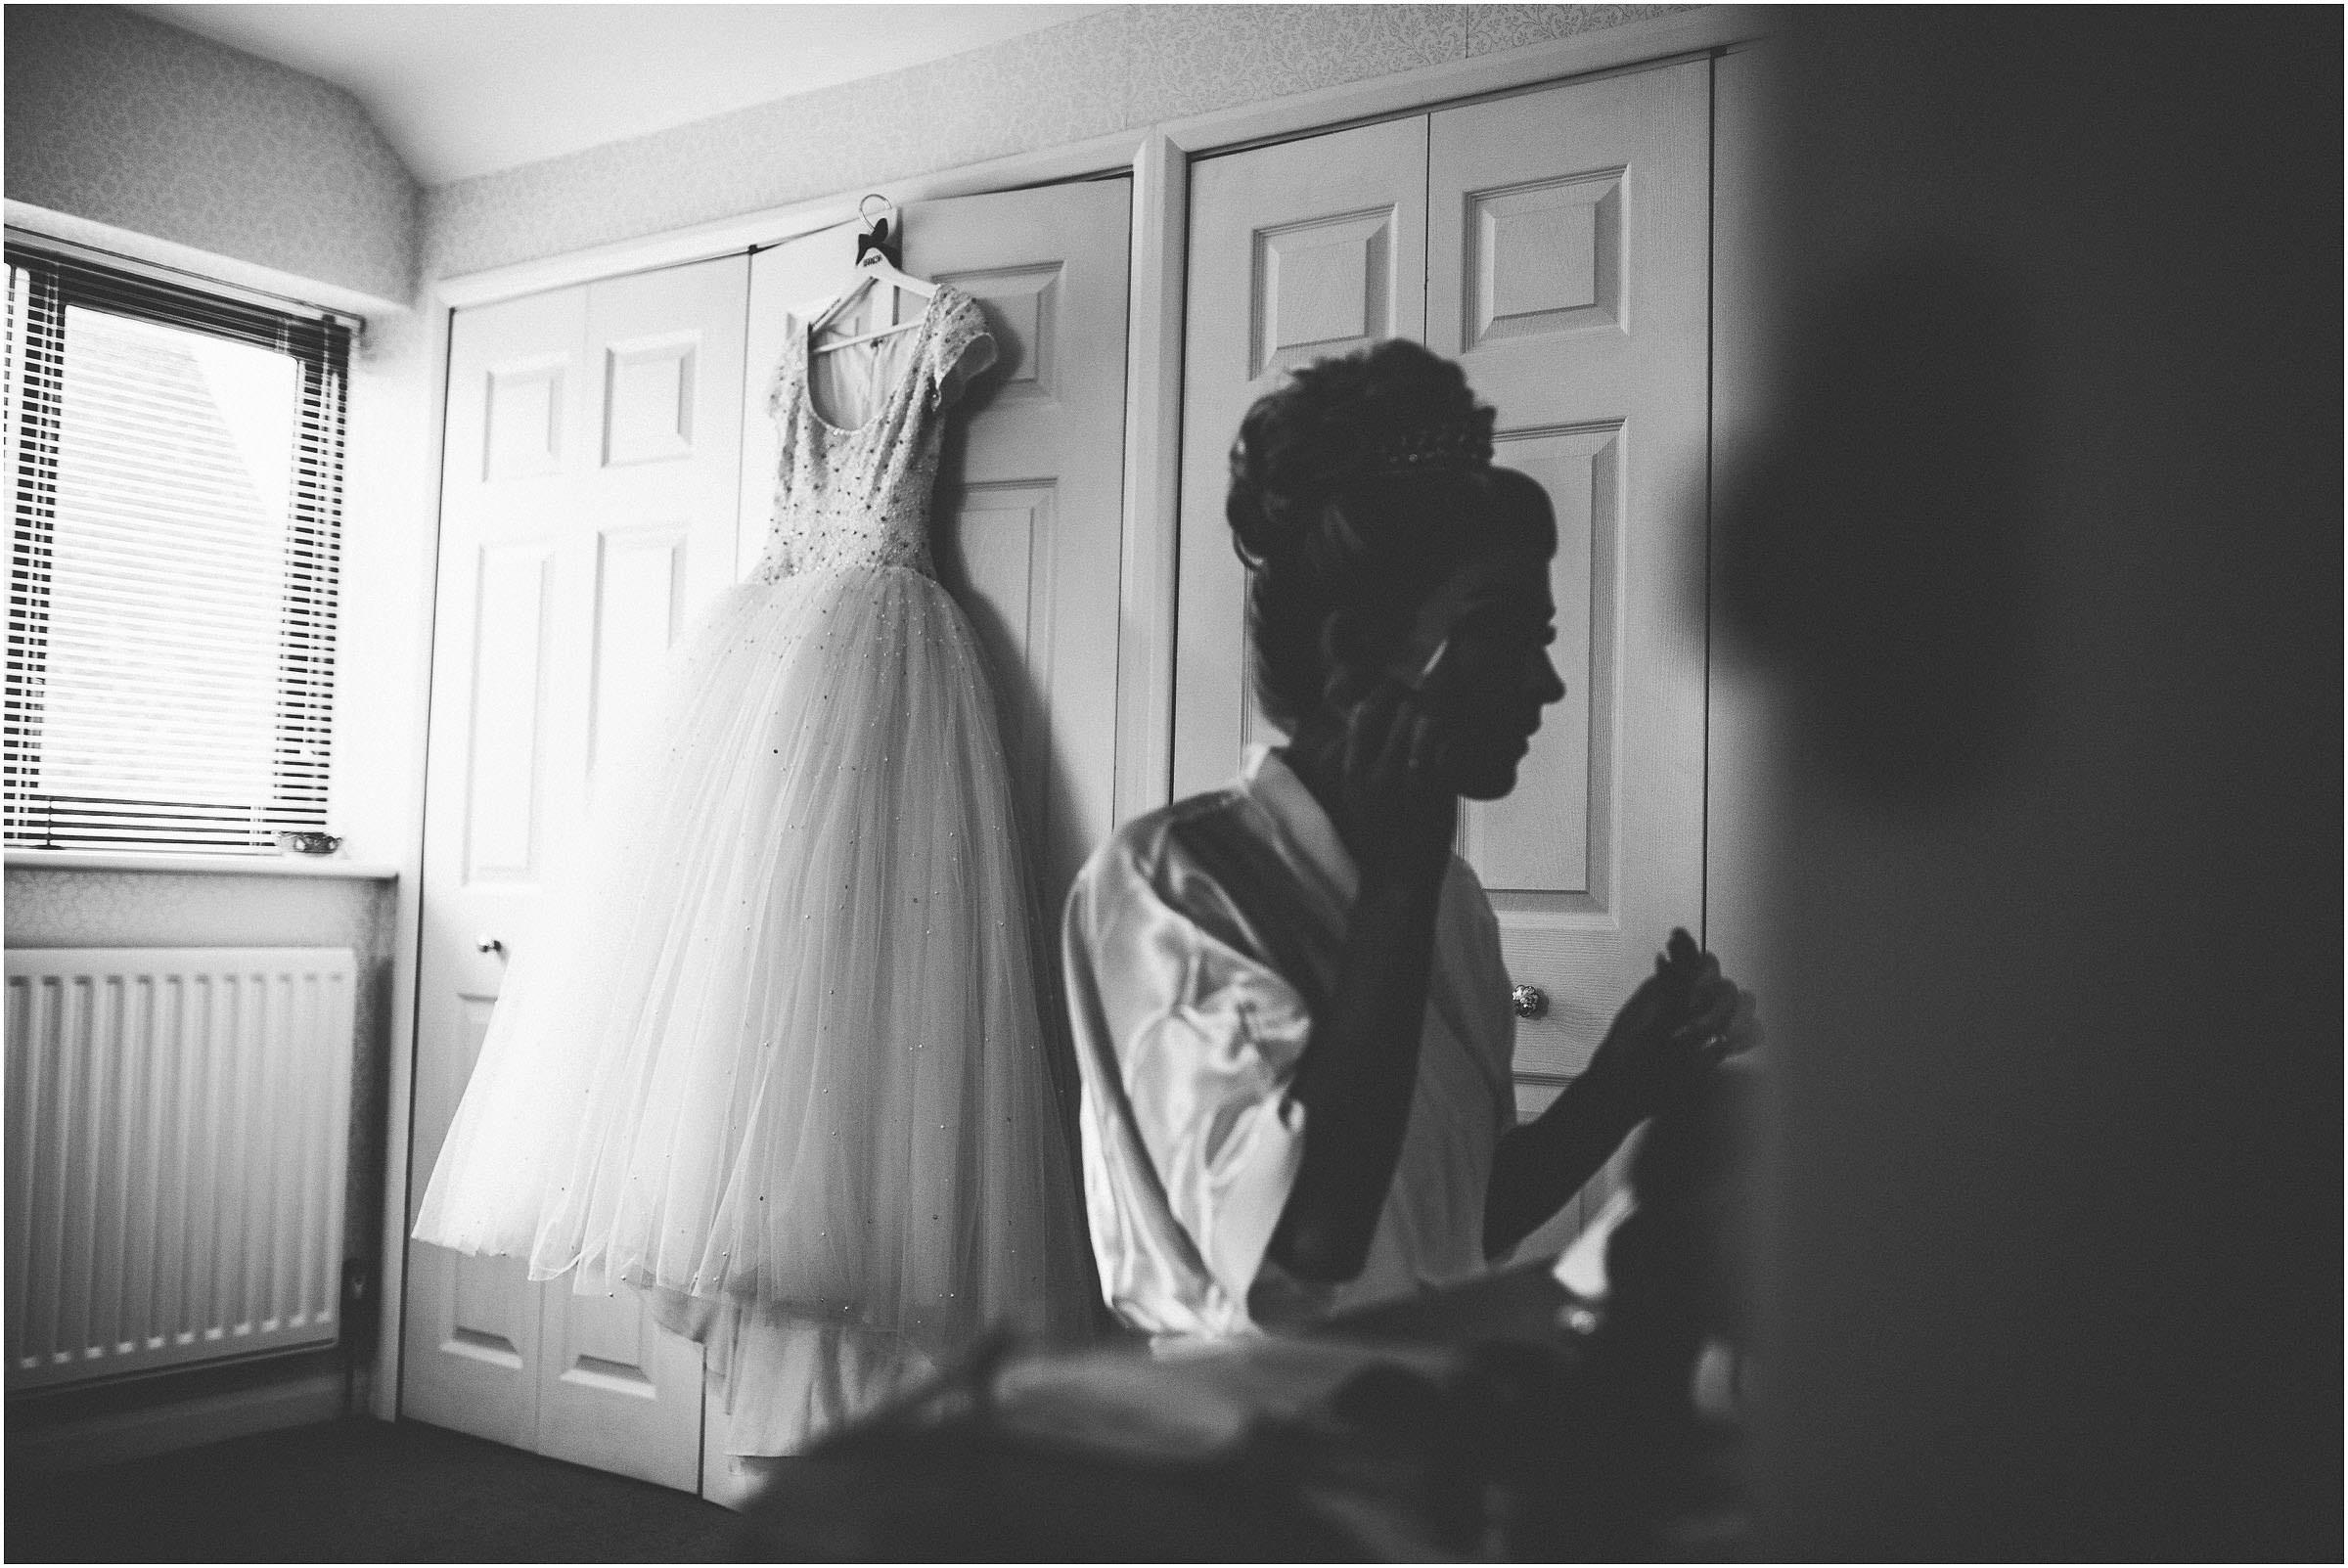 shropshire_wedding_photography_0001